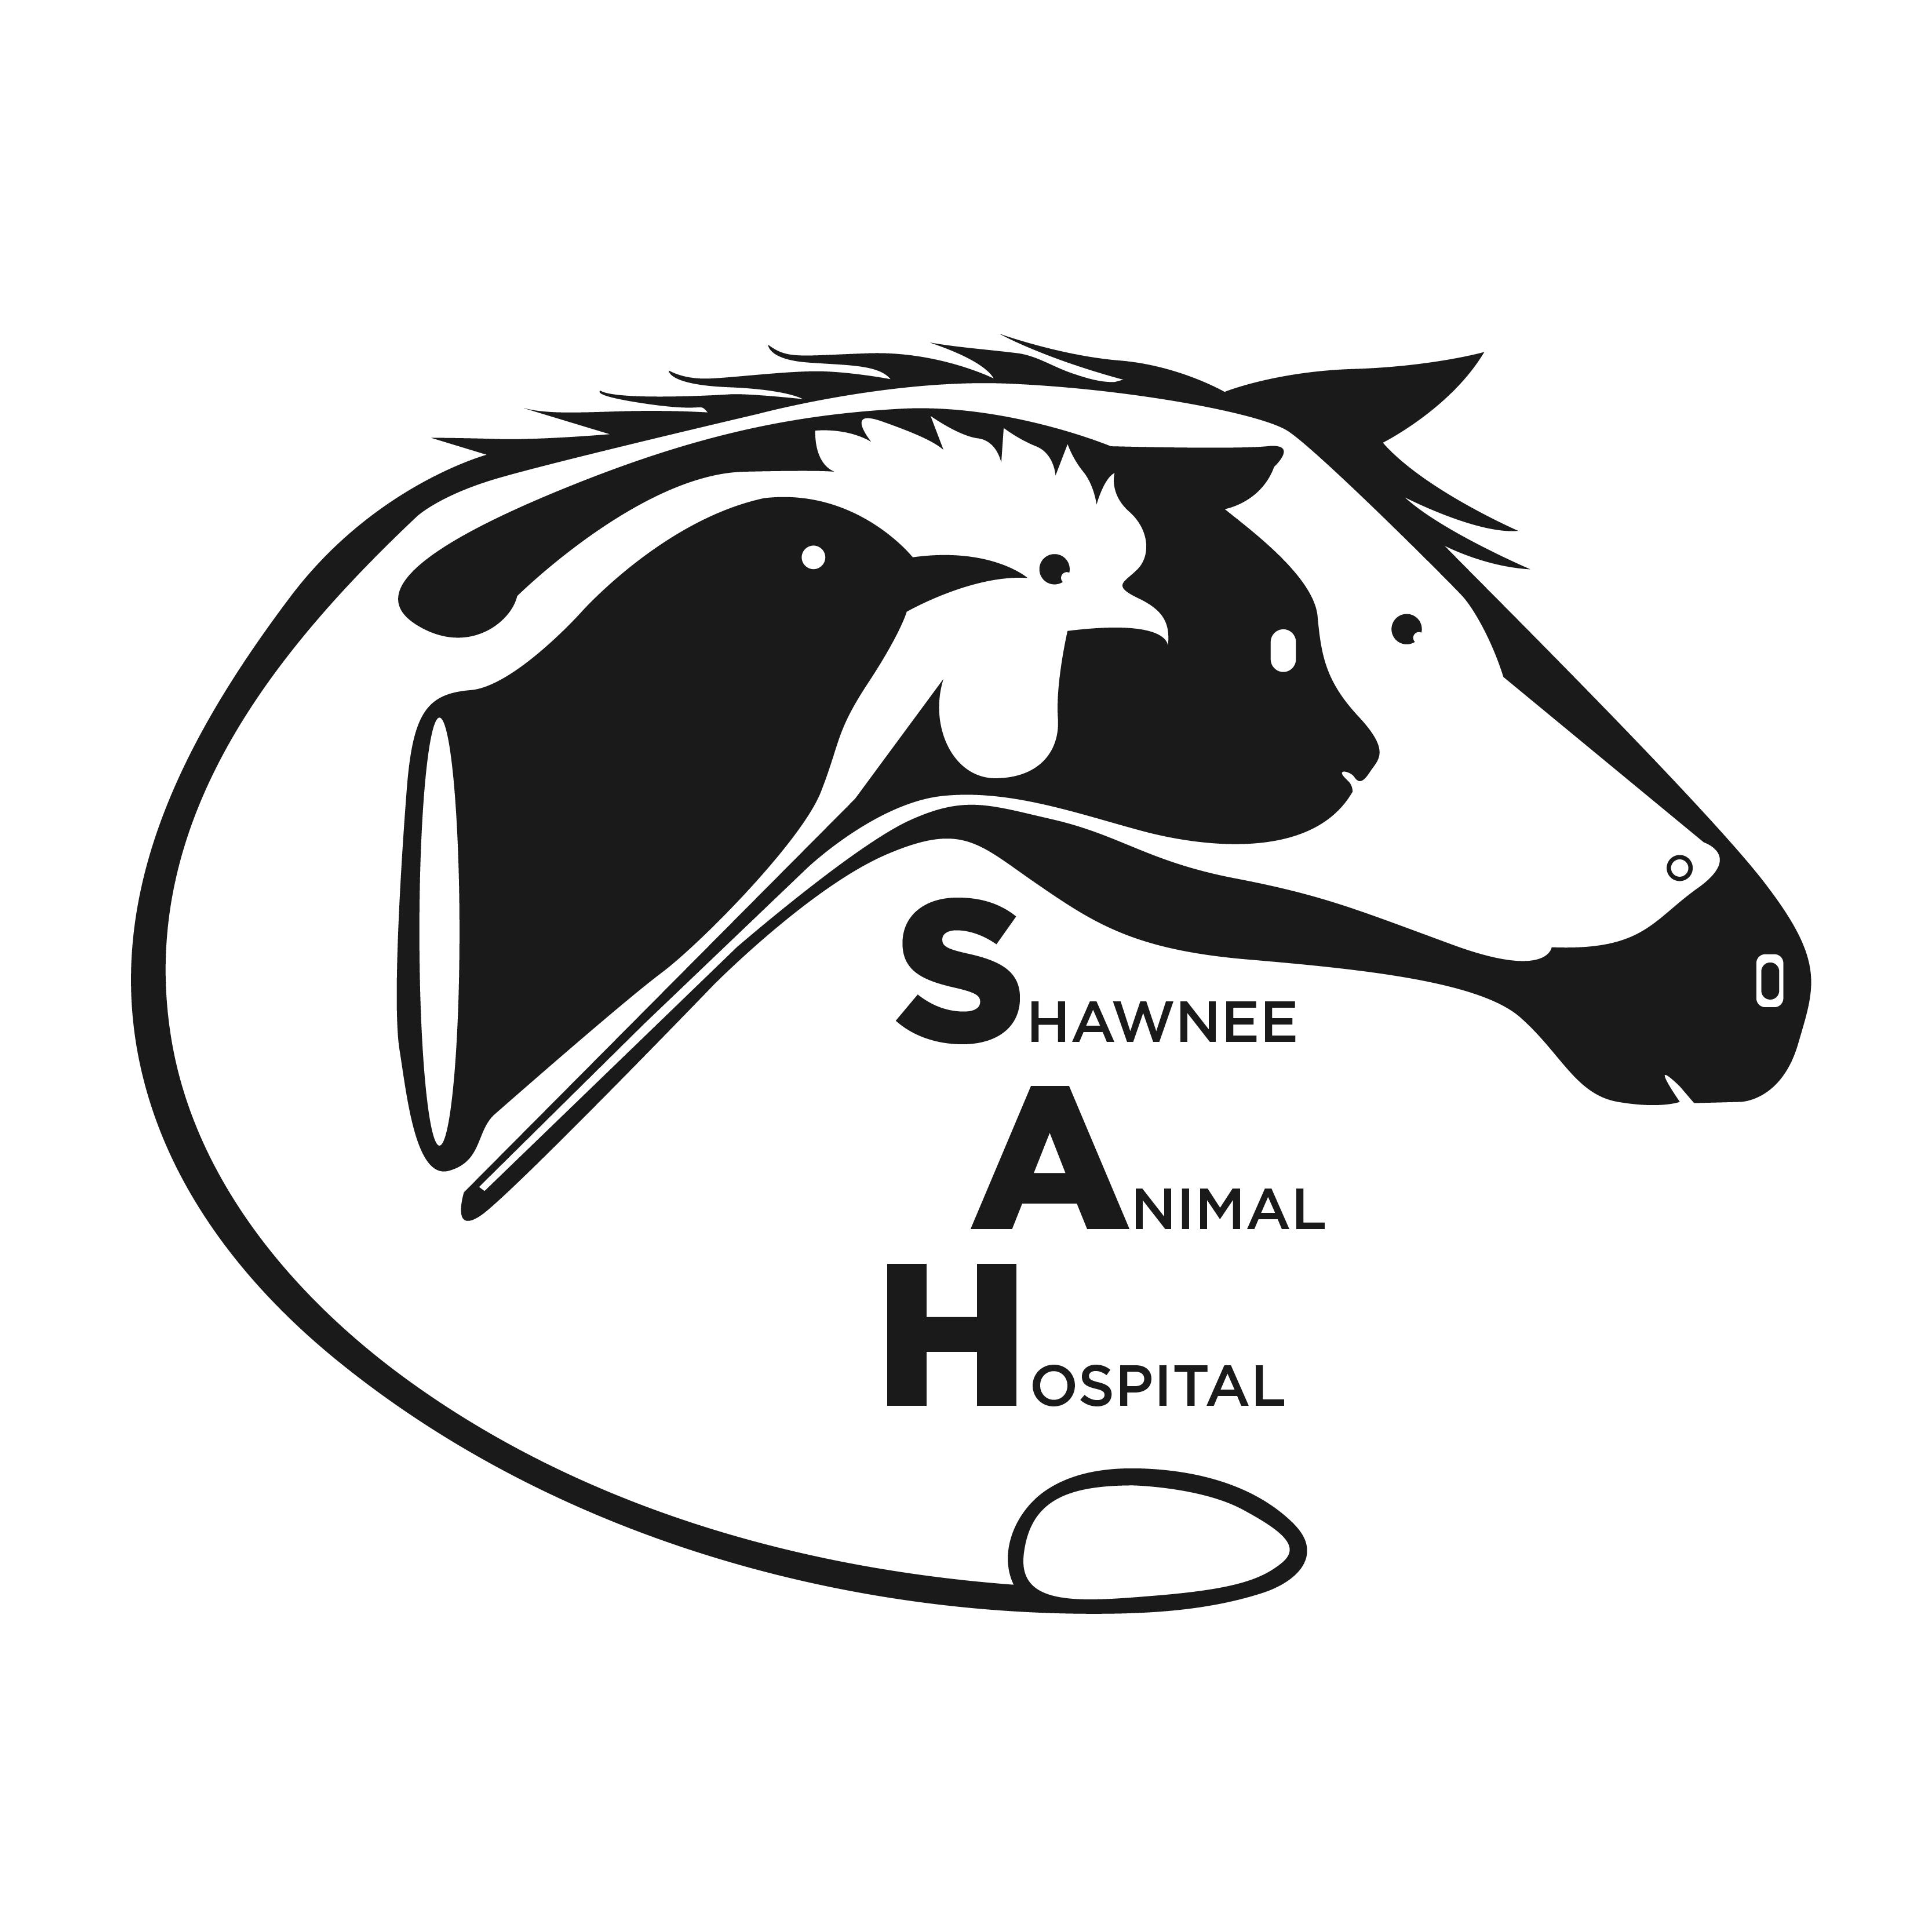 Shawnee Animal Hospital